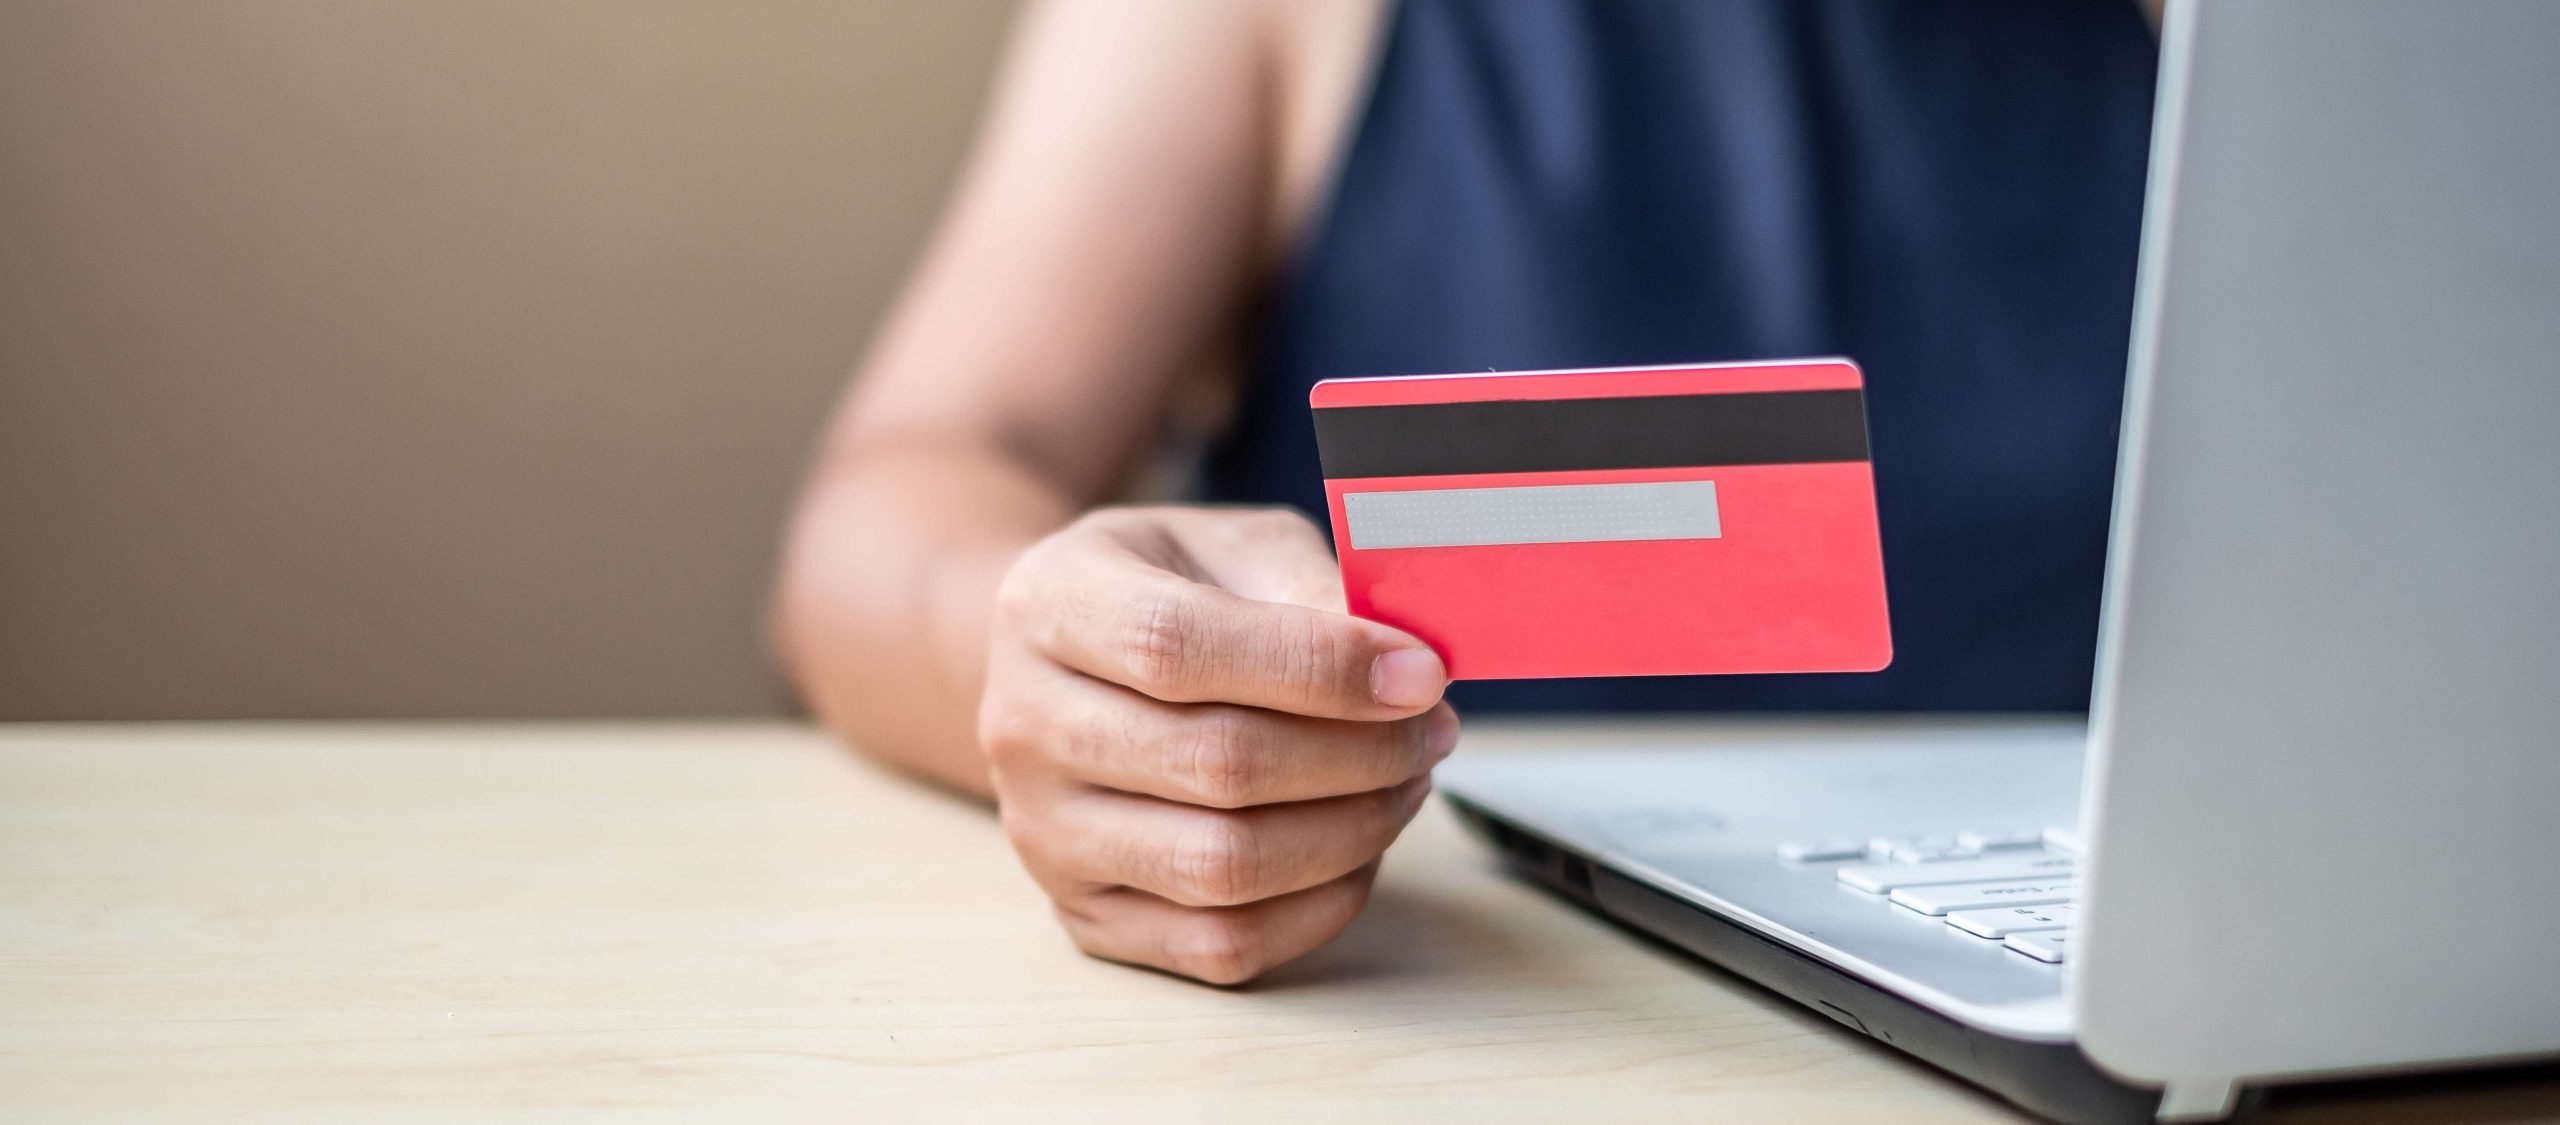 Protege tus compras al hacer pagos por internet - PosdataMx